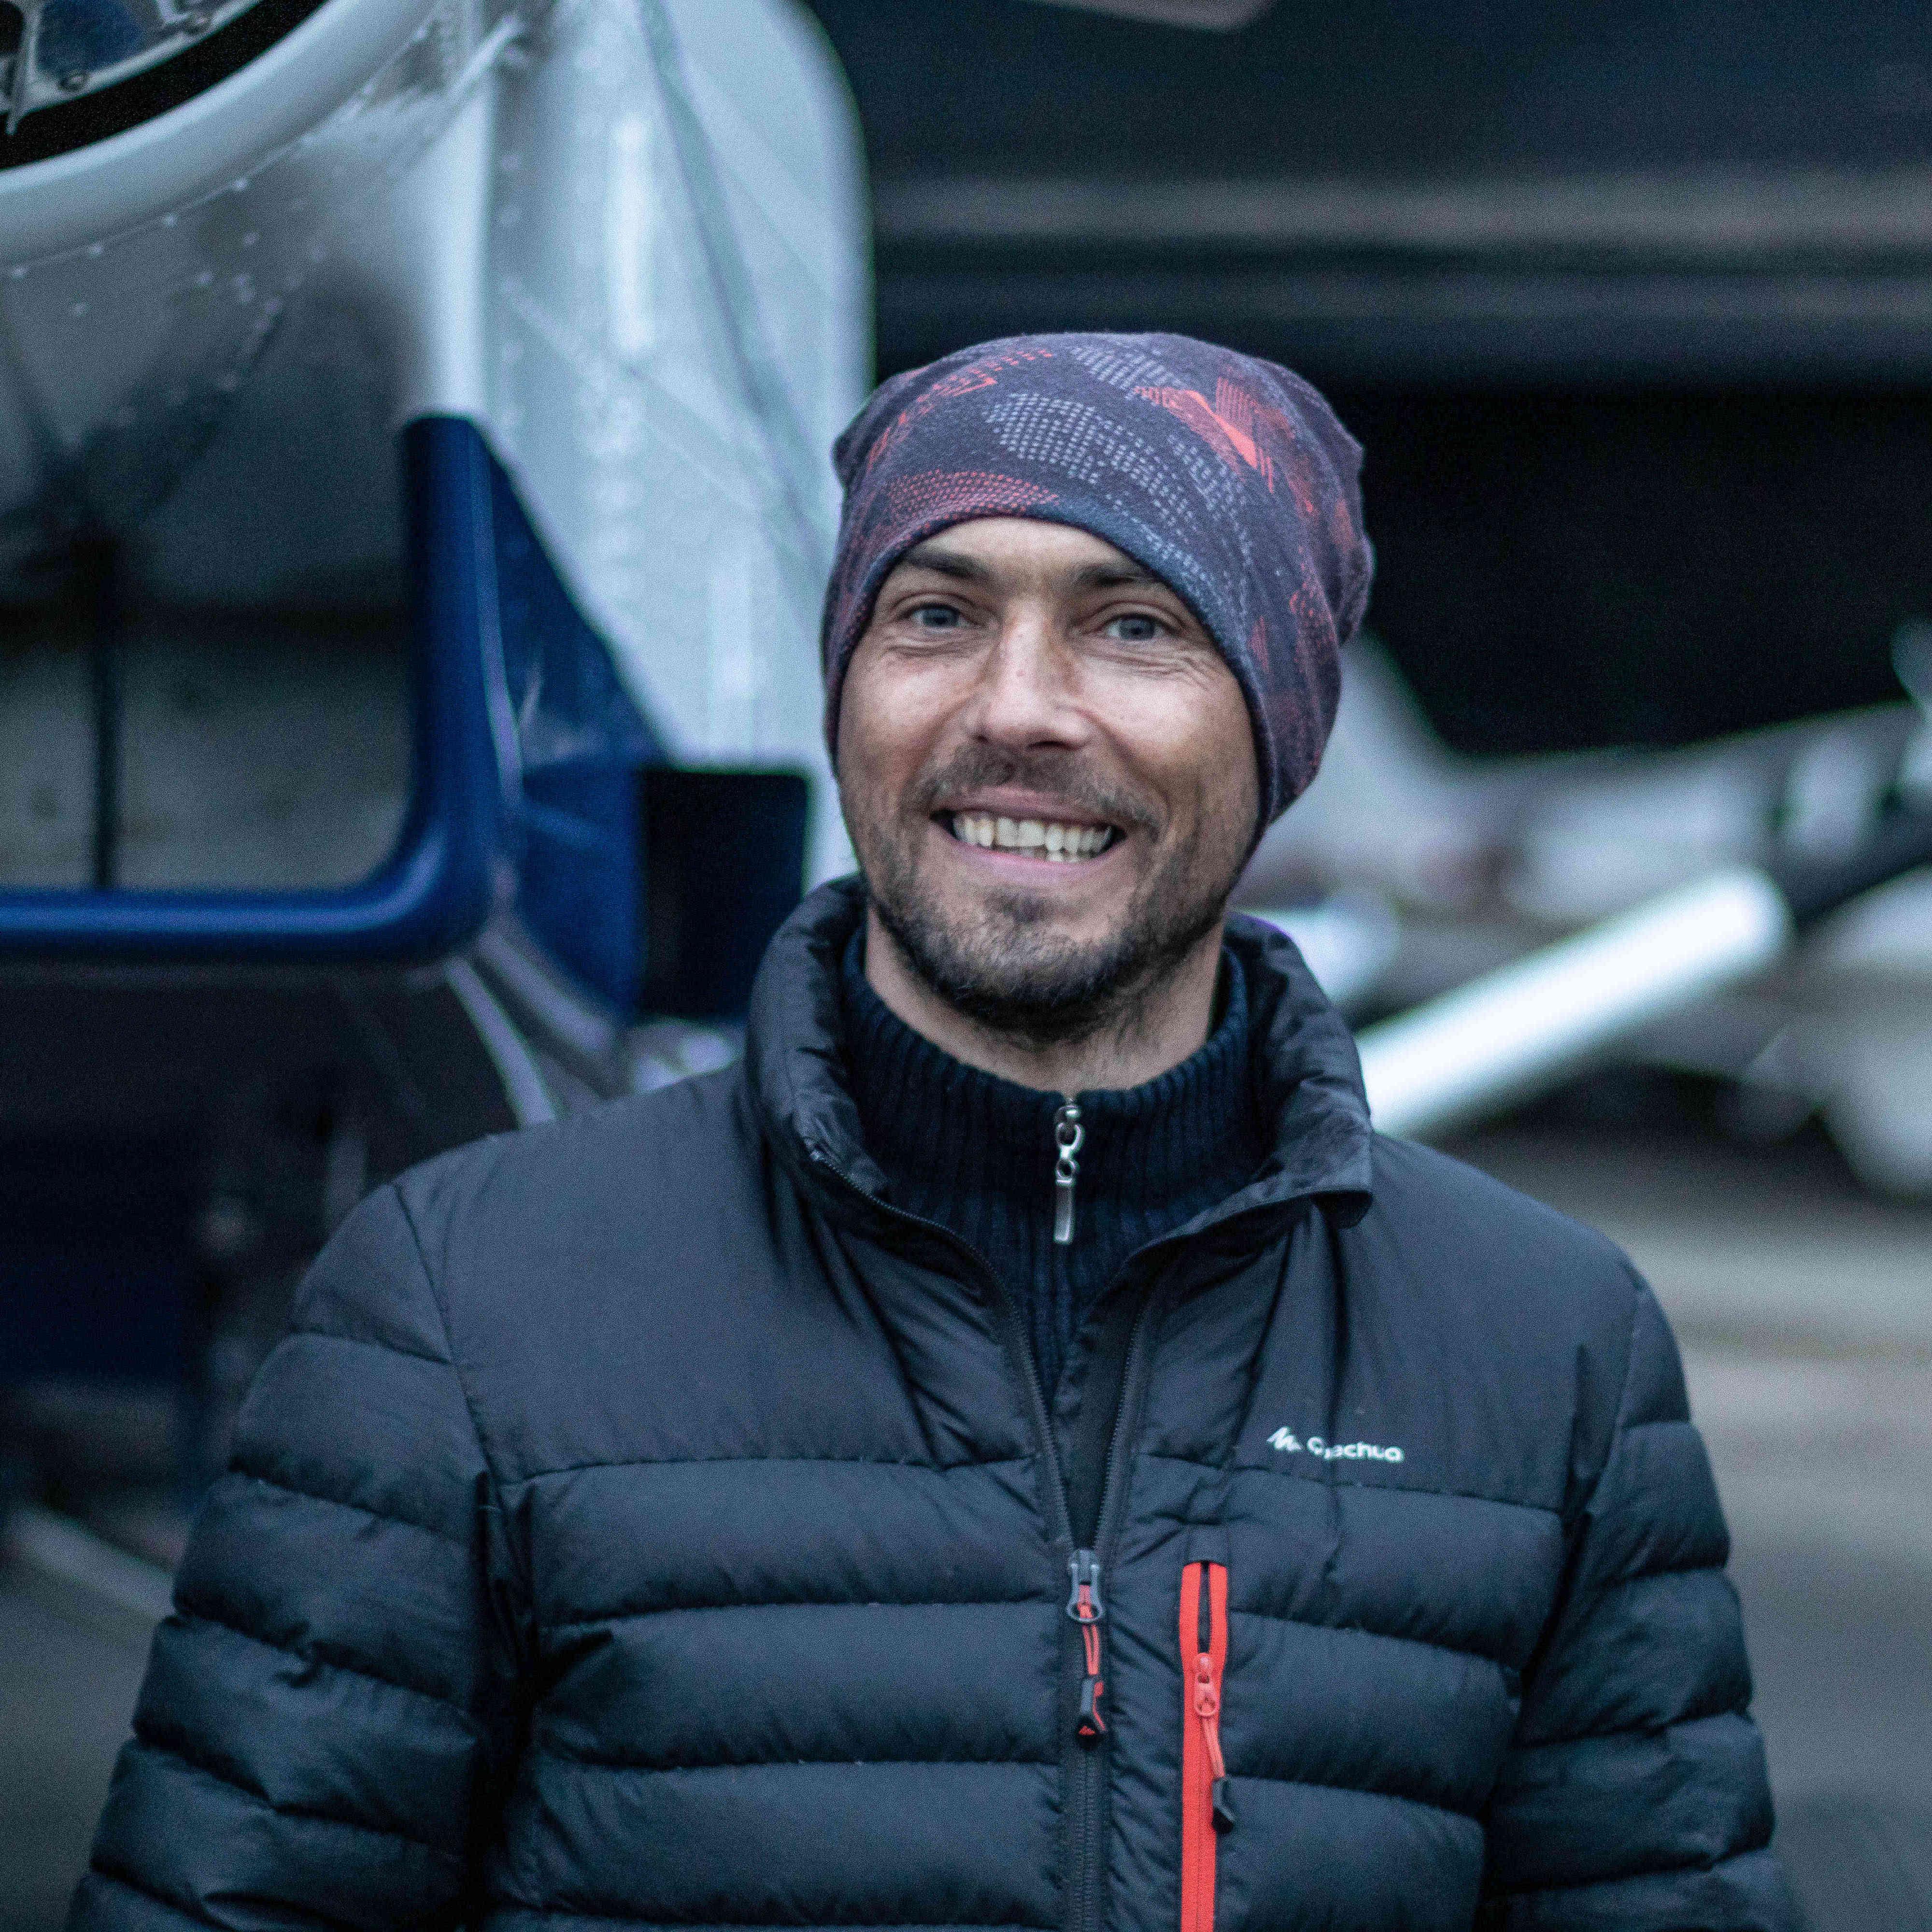 Jimmy moniteur parachutiste PAC et tandem chez Brienne Aube Parachutisme centre de saut en parachute proche de Paris